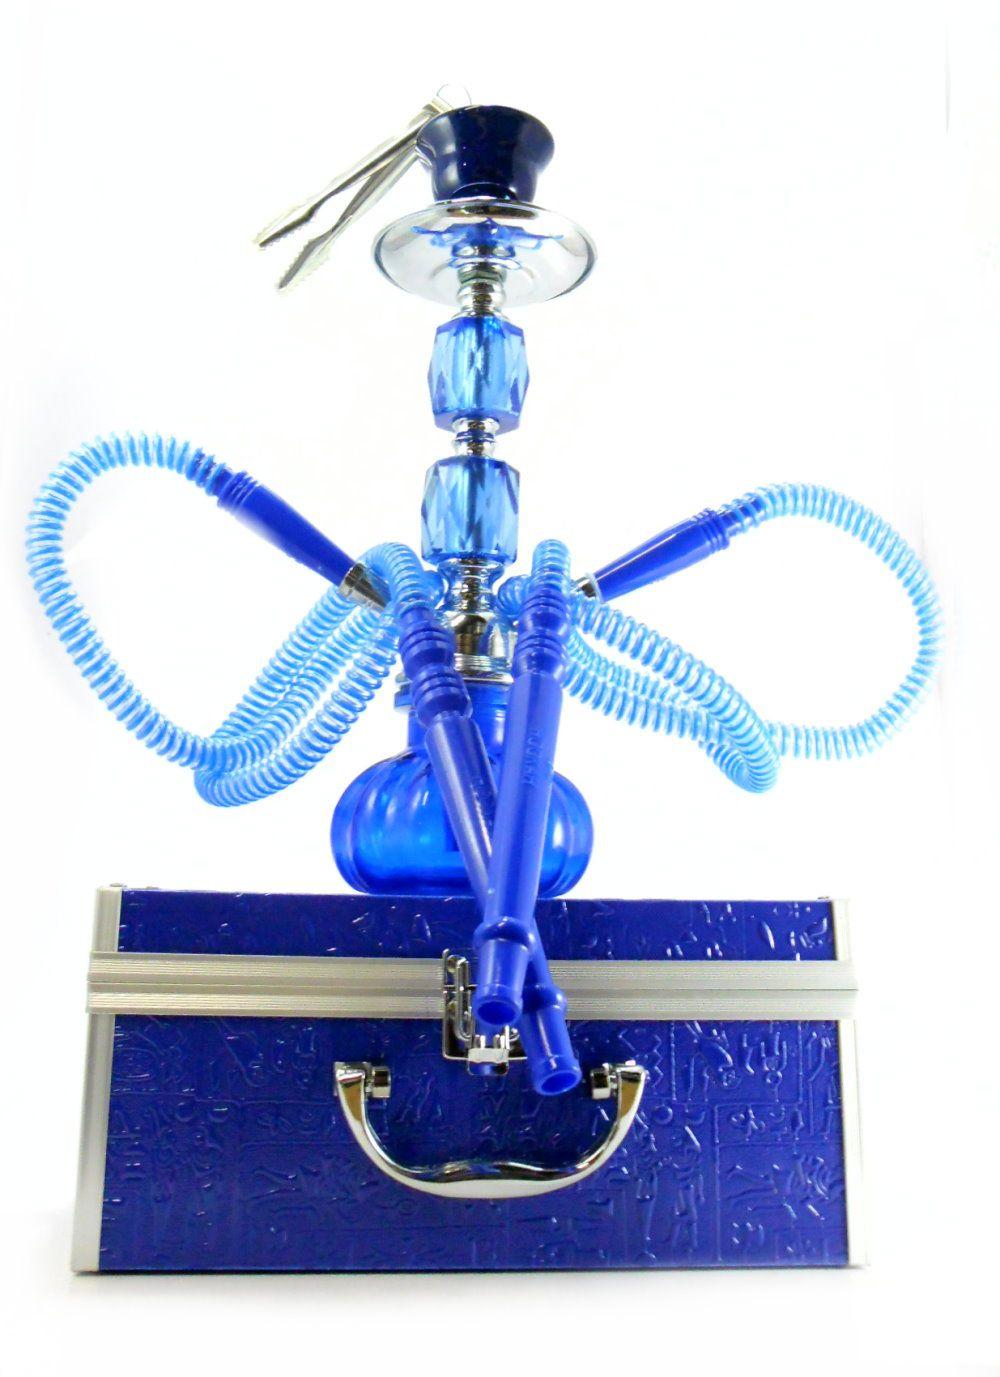 Narguile médio (30cm) de duas mangueiras com MALETA azul, rosh octa,controlador, fogareiro e carvão 1kg.